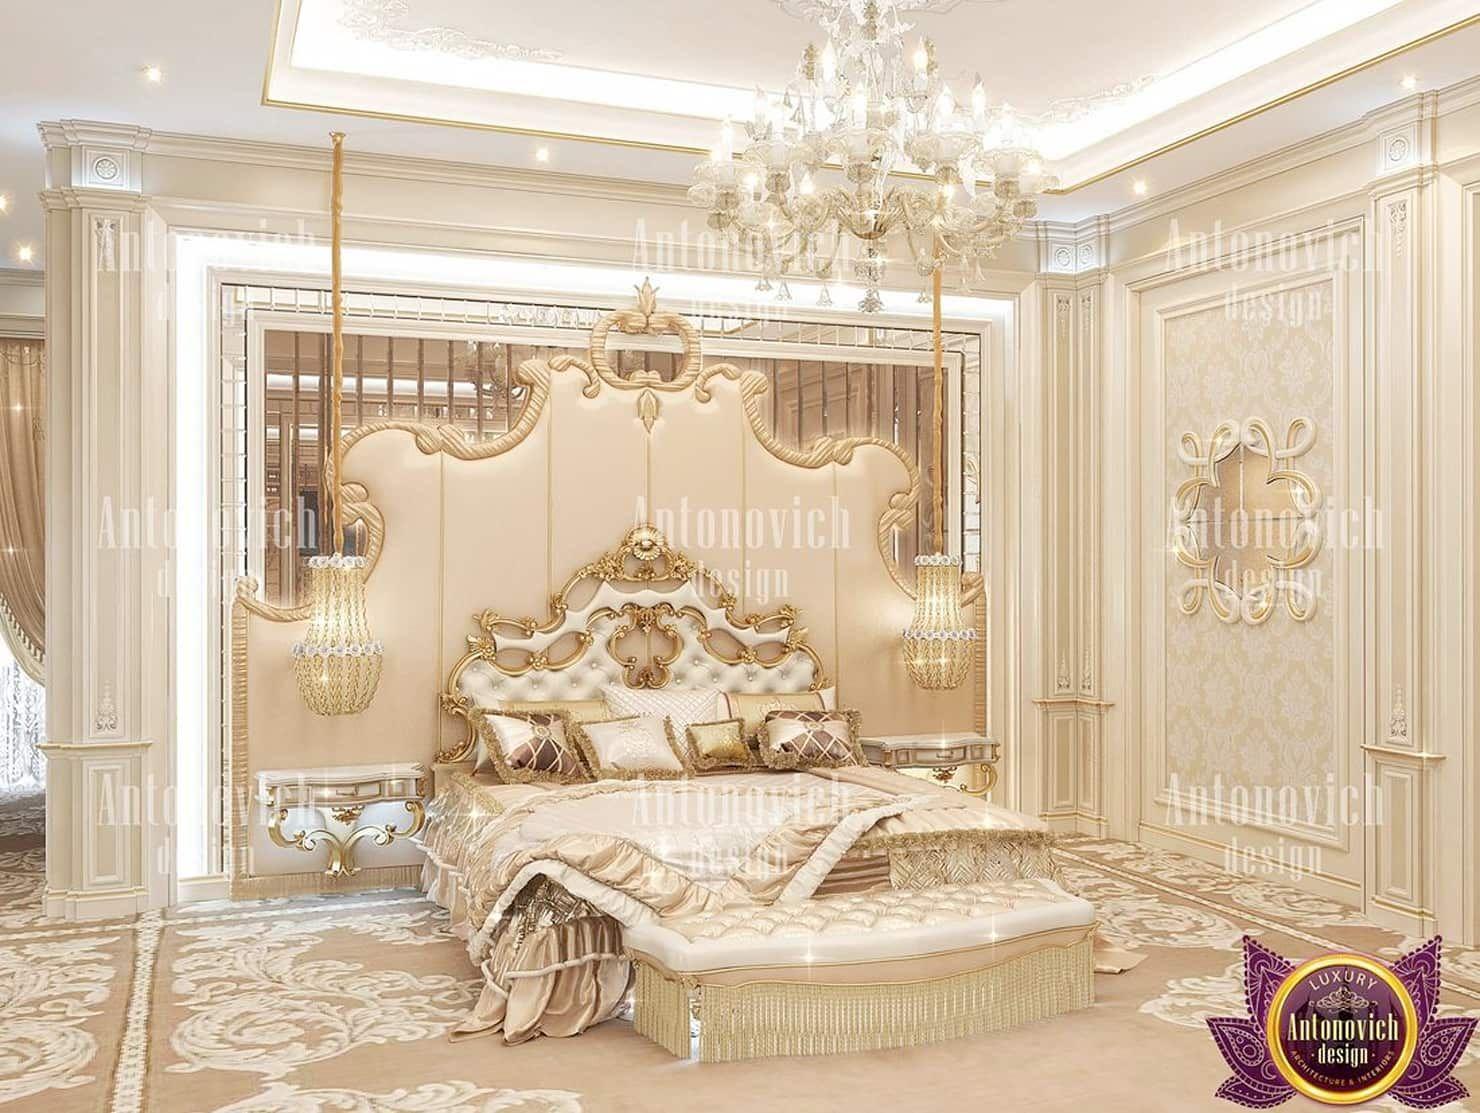 Luxury House Design Of Katrina Antonovich Luxury Antonovich Design Classic Style Bedroom Homify Luxurious Bedrooms Luxury Bedroom Design Luxury Bedroom Master Antonovich bedroom design luxury